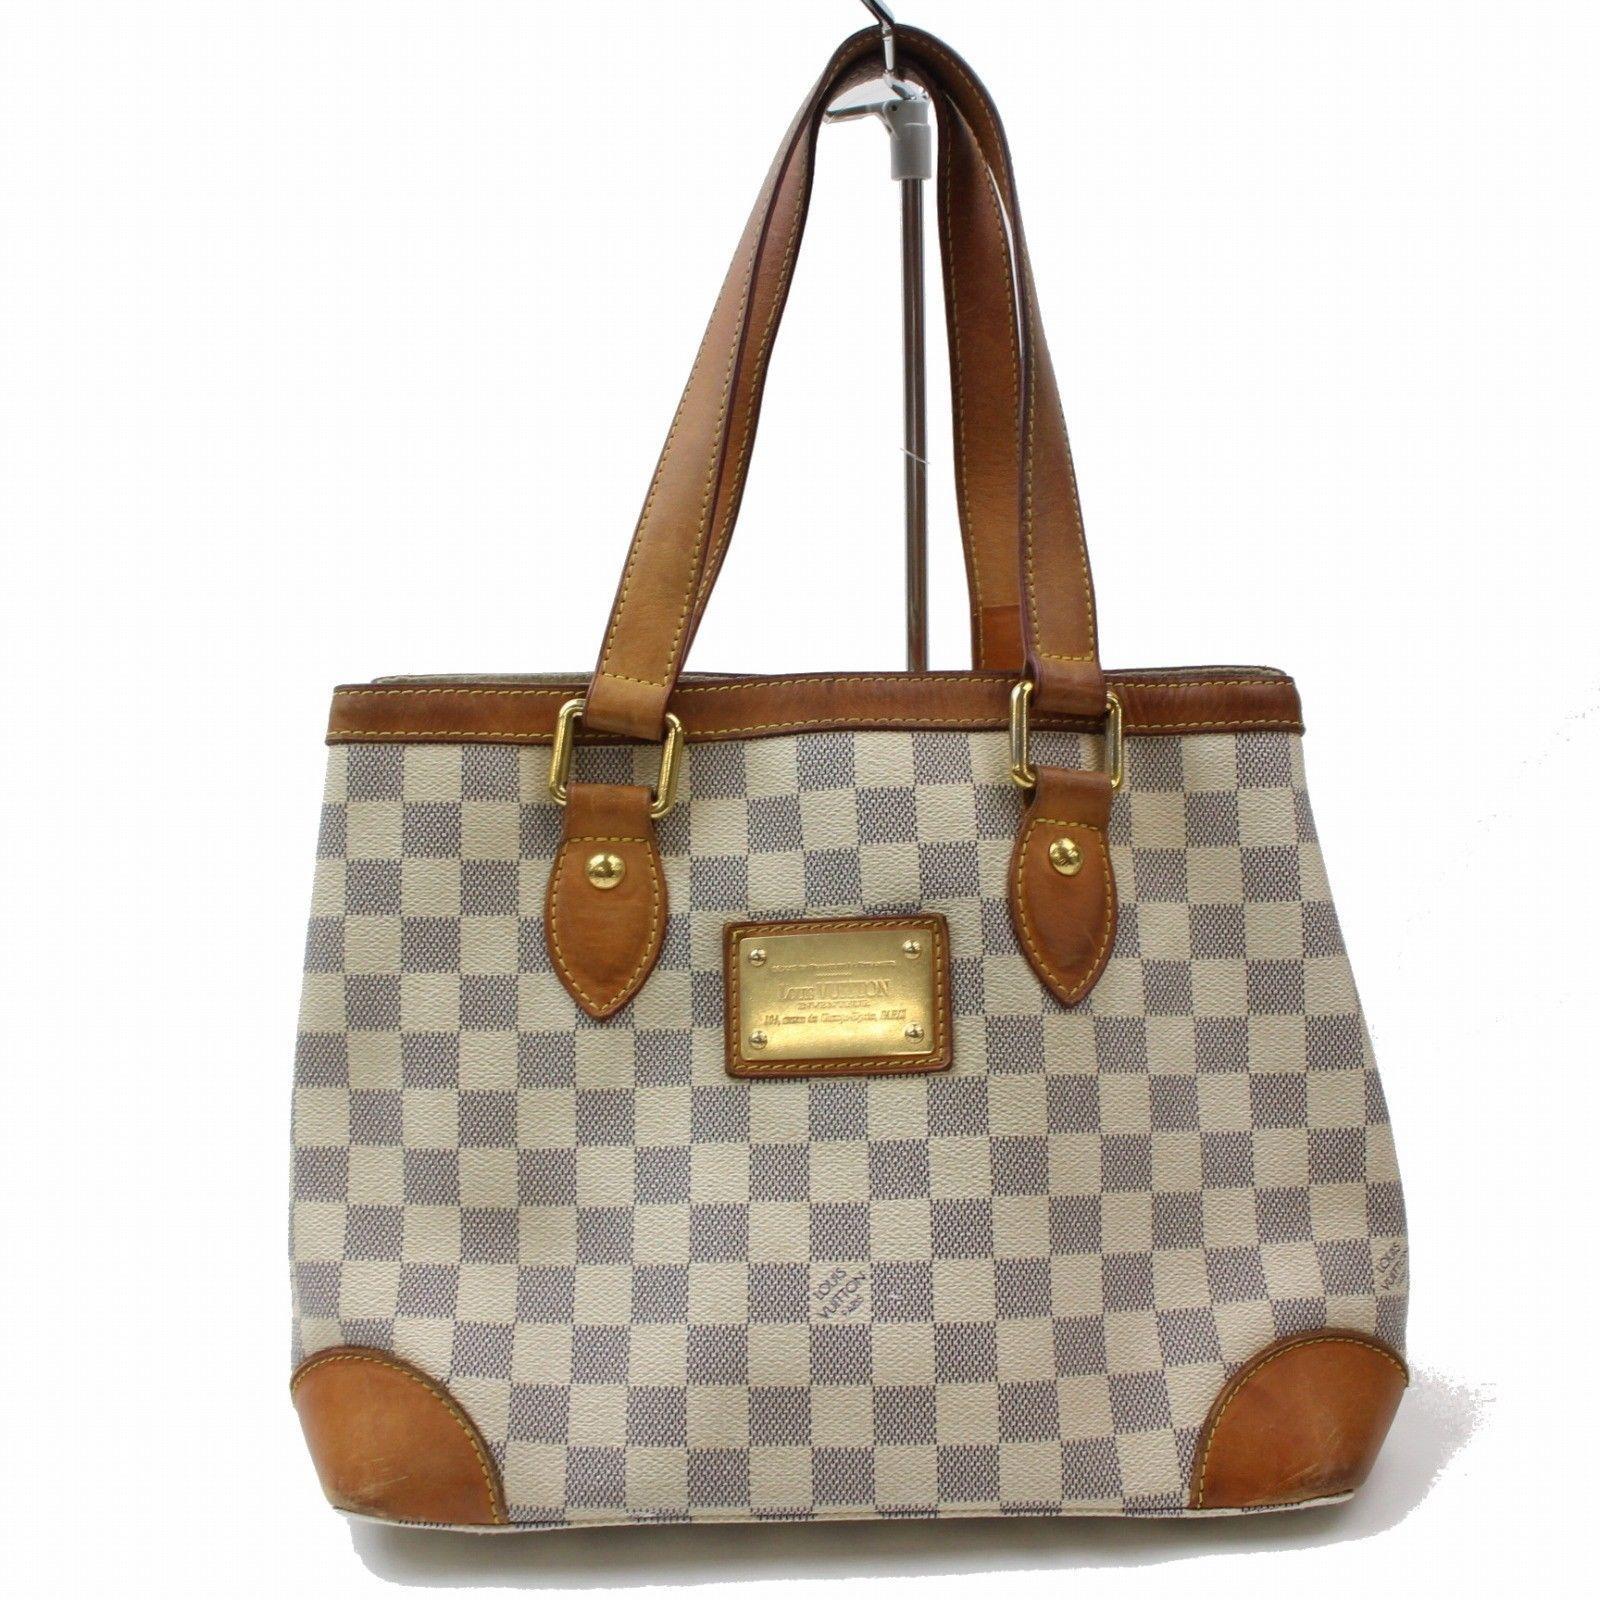 4a164f25ae11 Louis Vuitton Hampstead PM N51207 White Damier Azur Tote Bag 11136 ...